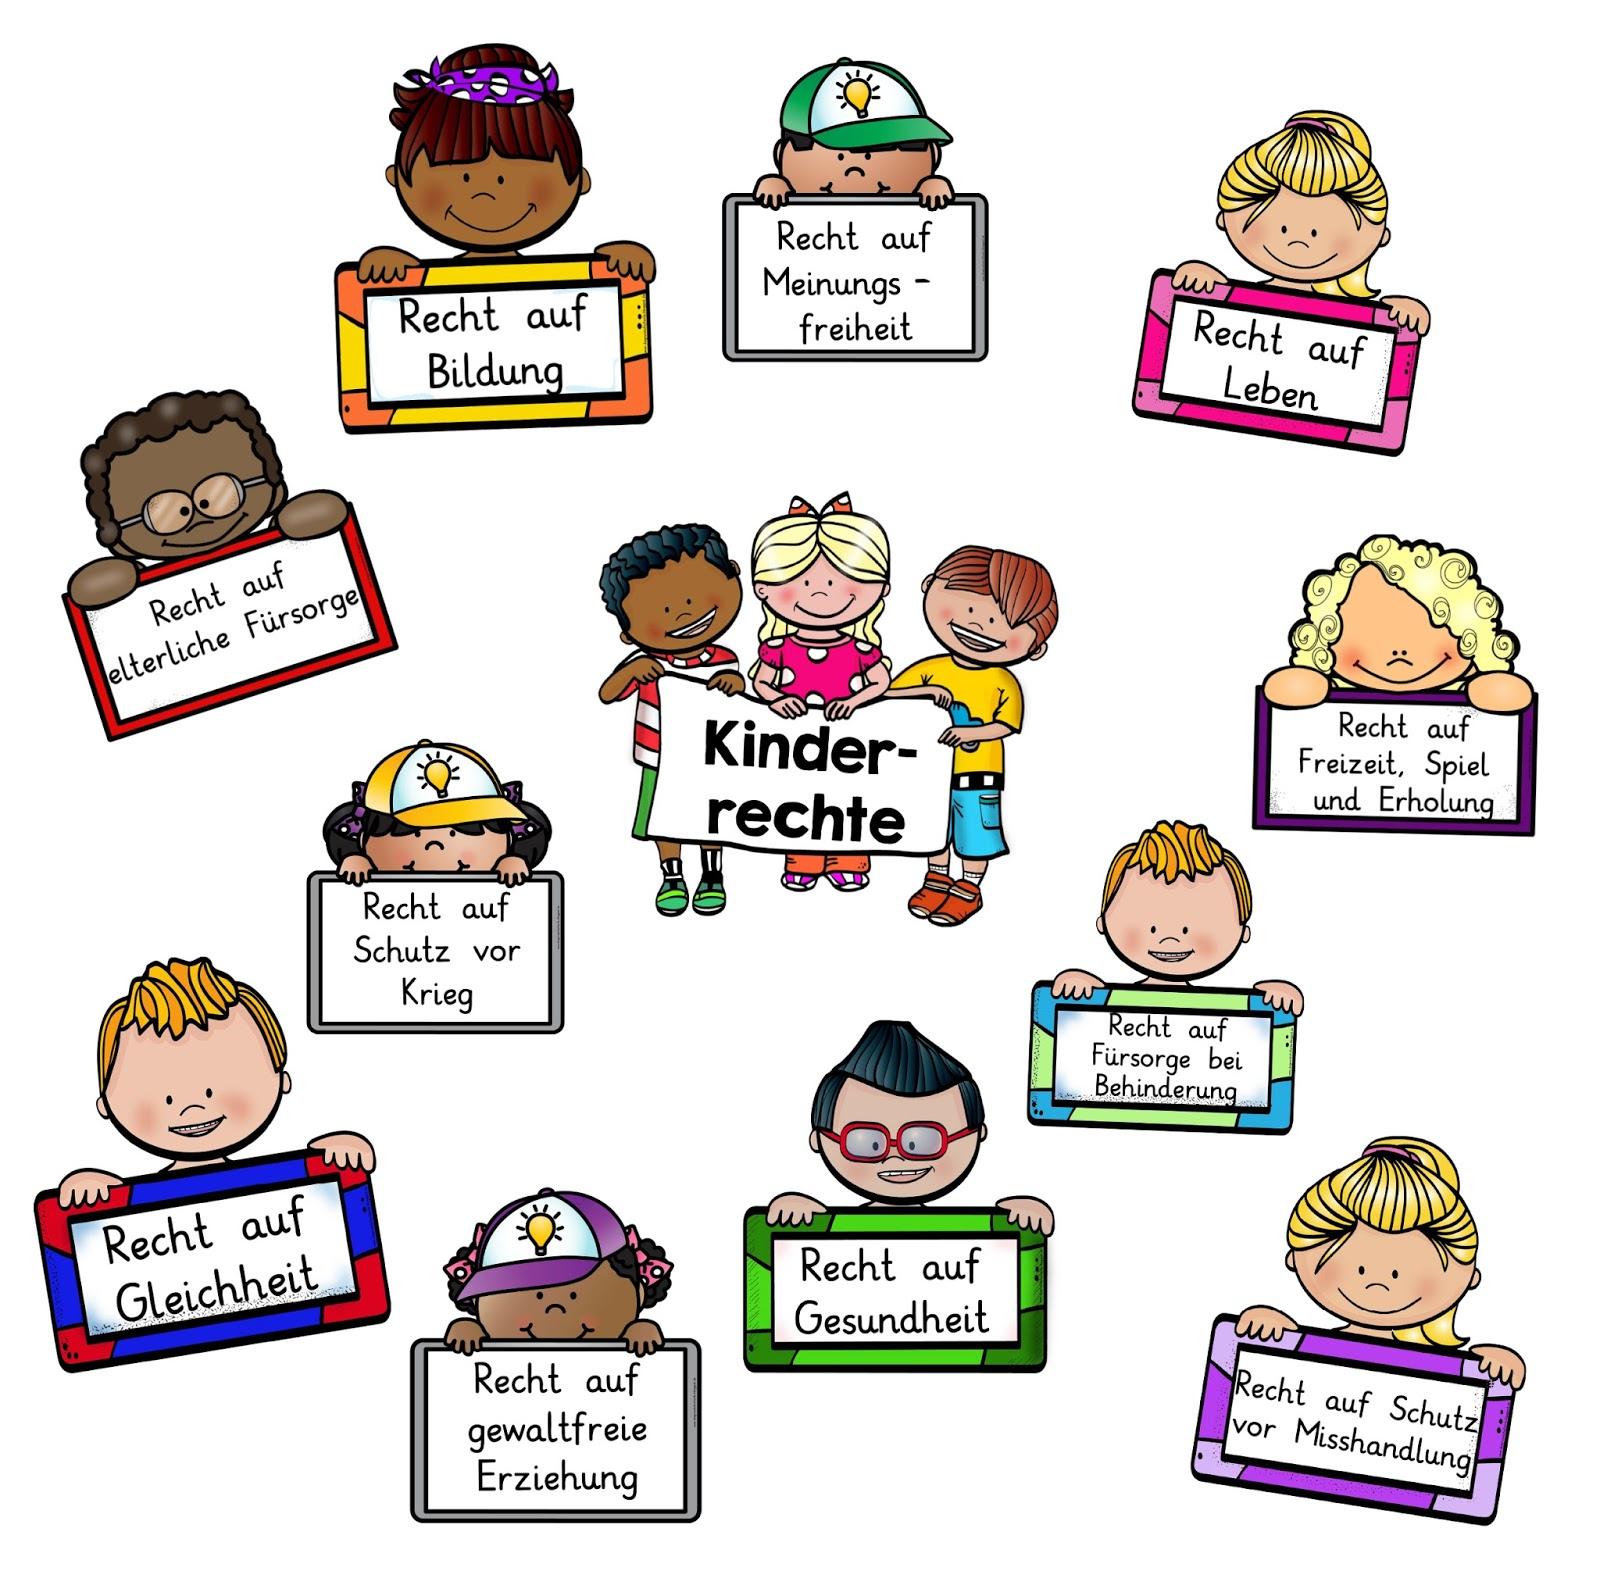 20 Kinderrechte Ideen   kinderrechte, kinder, grundschule